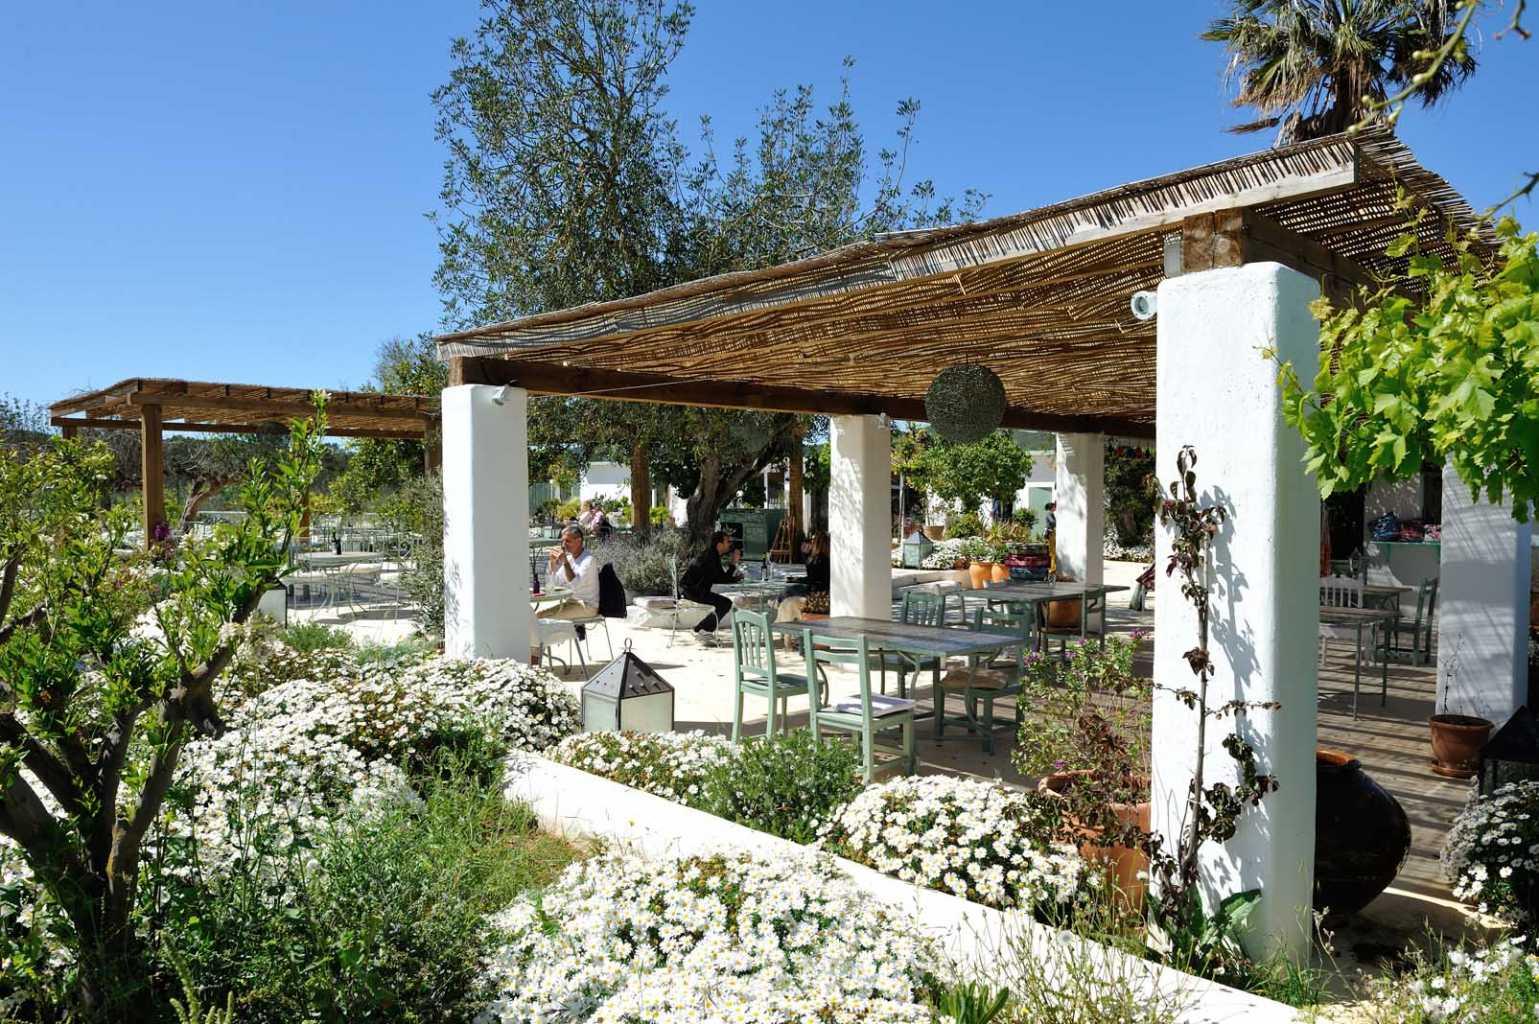 El restaurante Aubergine, ubicado en Santa Gertrudis, se fundó en 2014 y junto a Atzaró Beach Restaurant y el Chiringuito de Cala Nova, está coordinado por Ángeles Guasch, la más pequeña de los tres hermanos que fundaron con Philip Gonda el Grupo Atzaró hace 14 años.